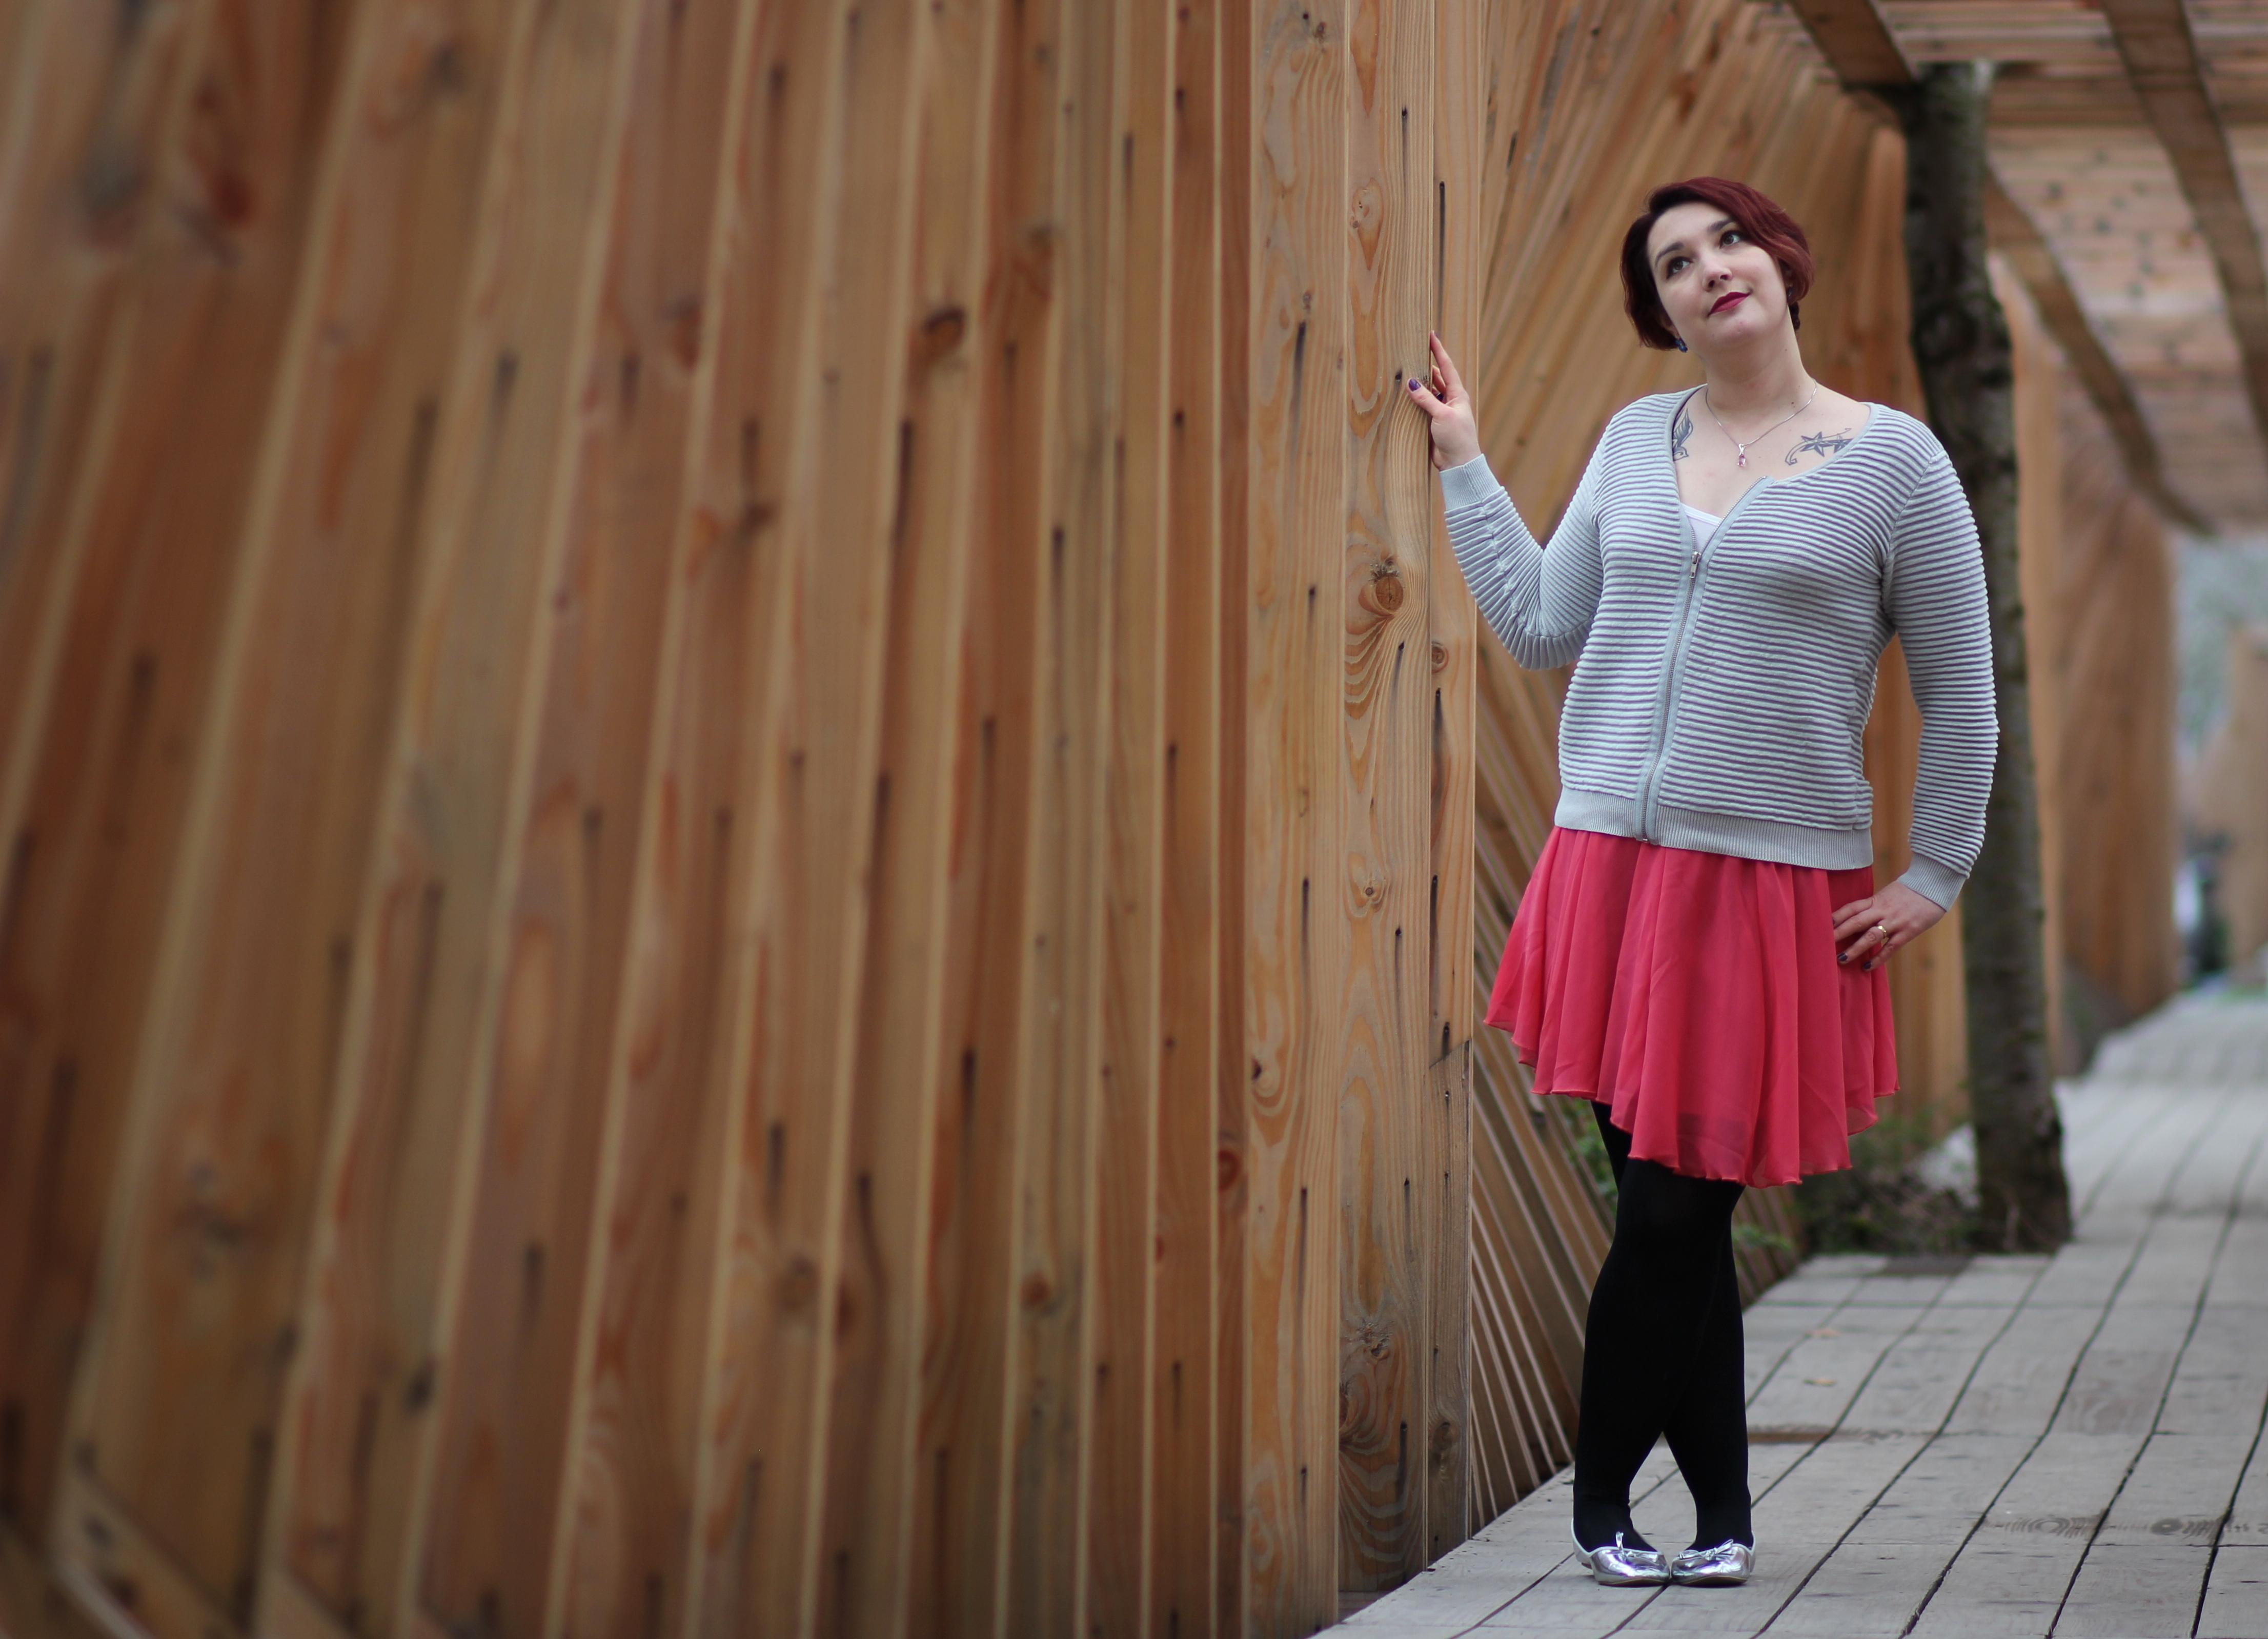 Blog mode nantes look blanche porte nouvelle collection - La blanche porte nouvelle collection ...